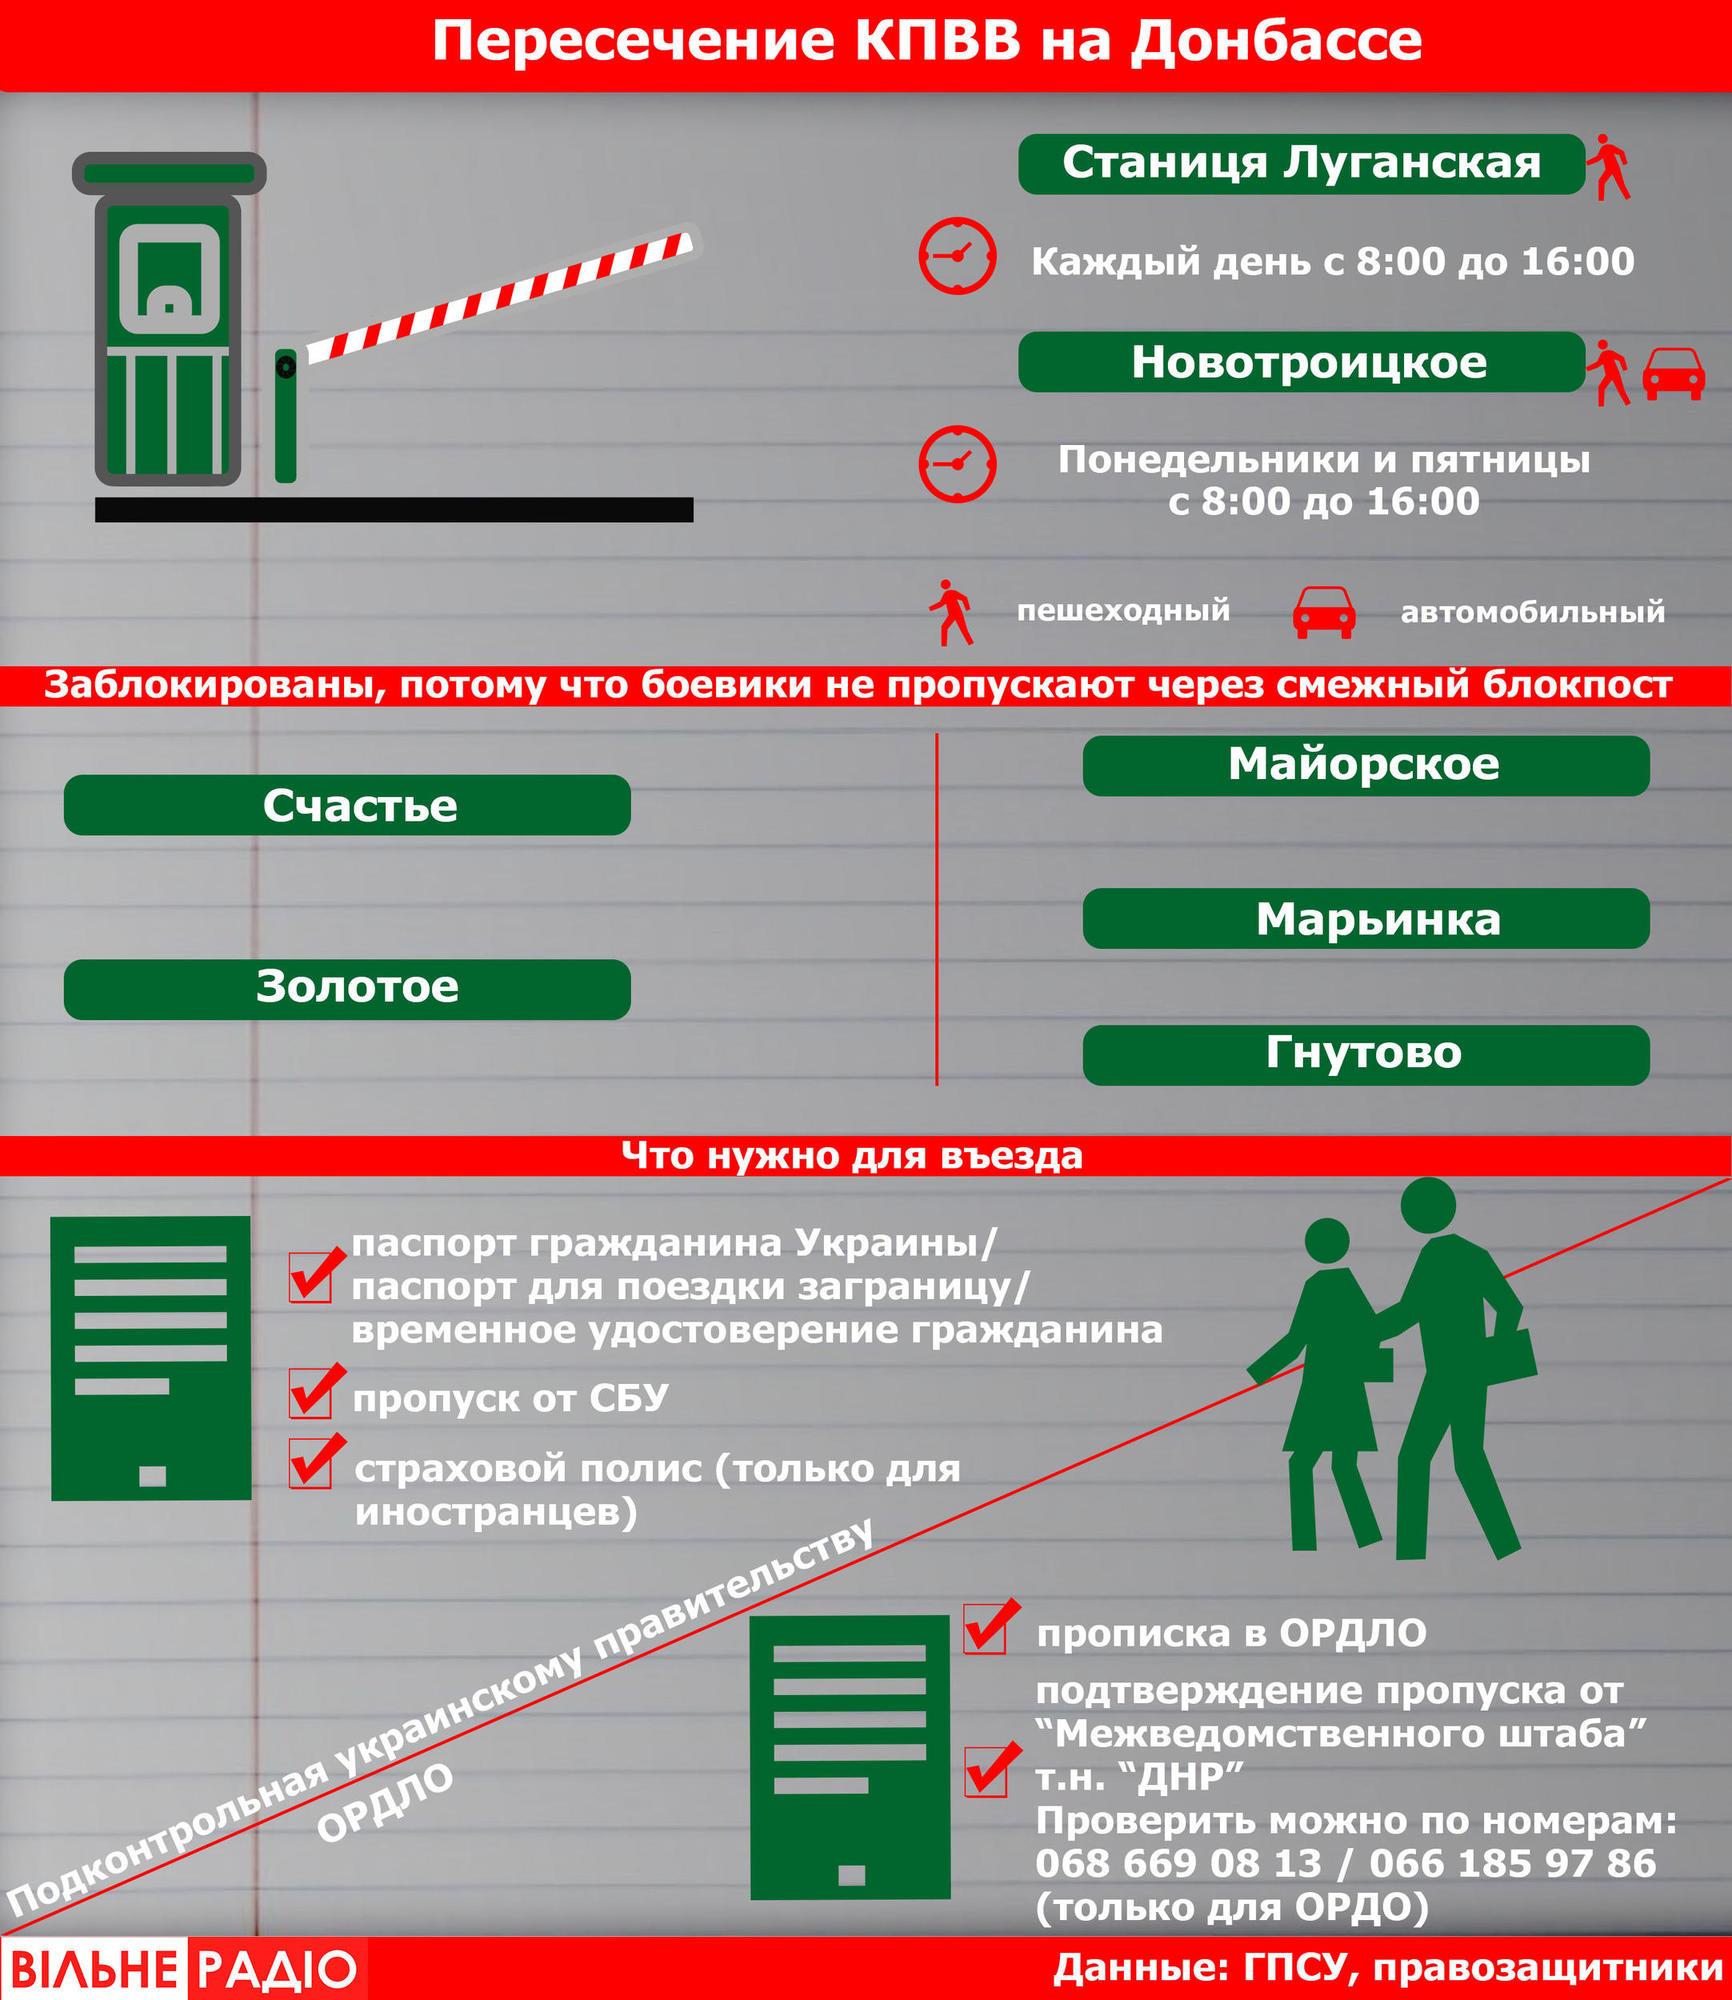 Как работают КПВВ на Донбасе